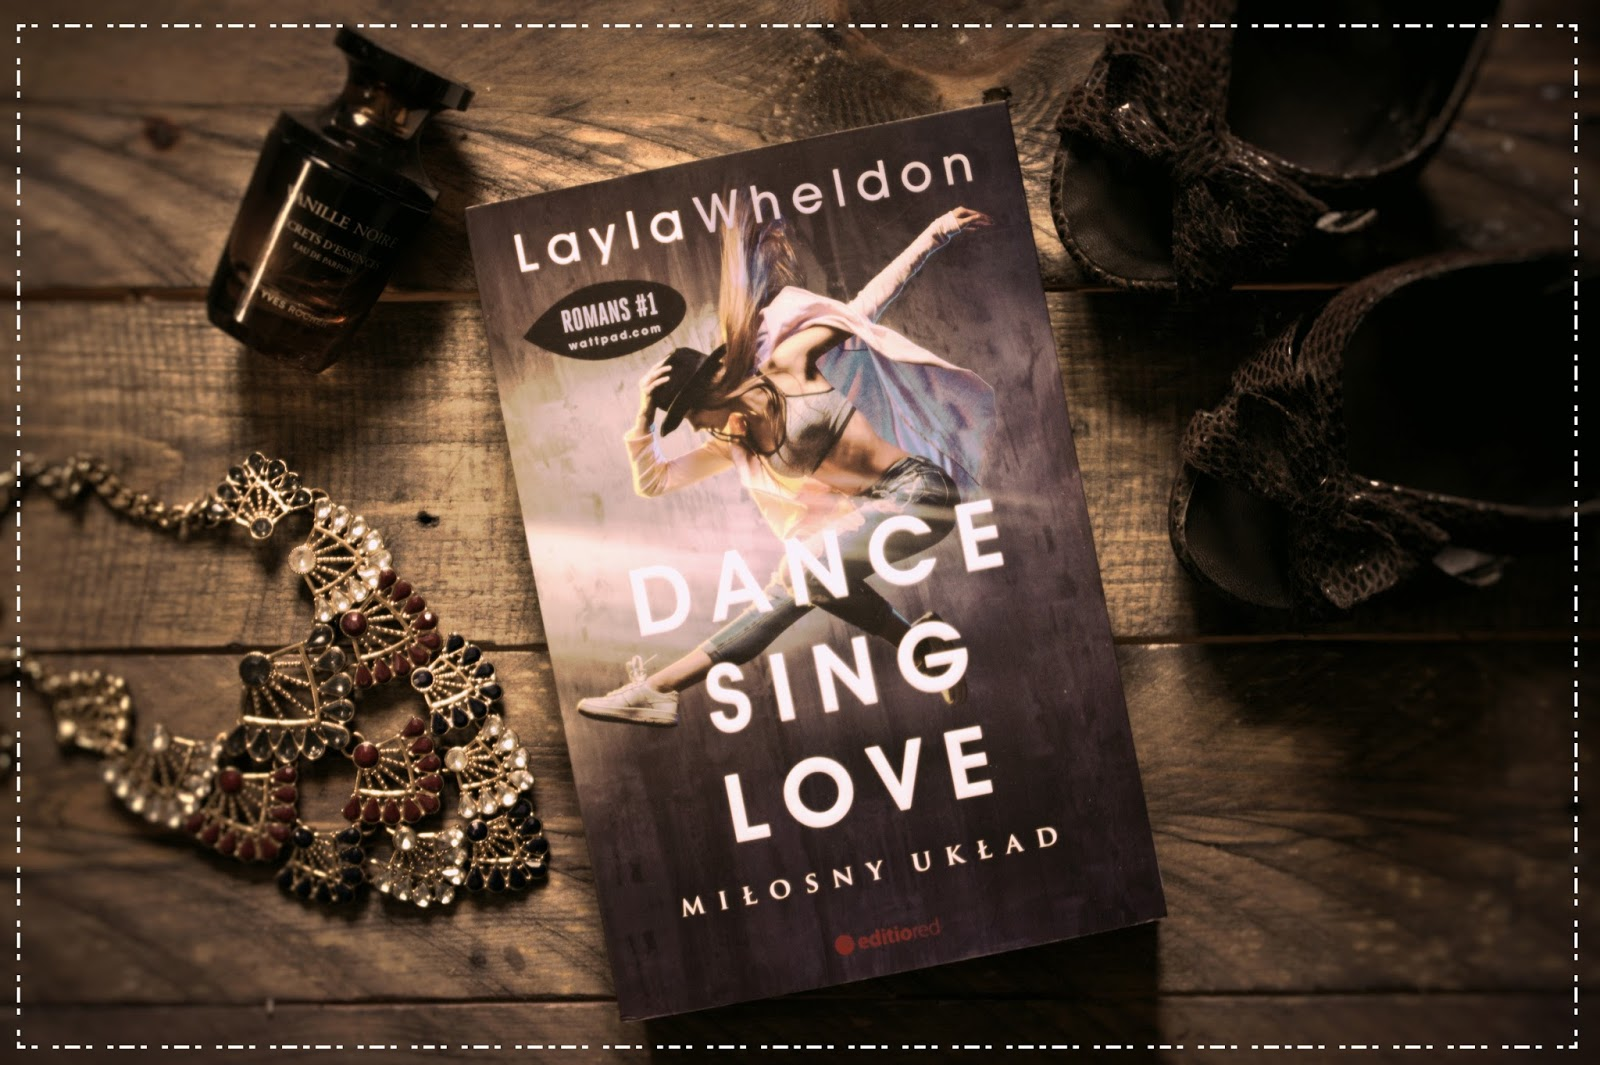 """""""Dance,sing,love.Miłosny układ"""" - Layla Wheldon, czyli sukces z Wattpad'a..."""